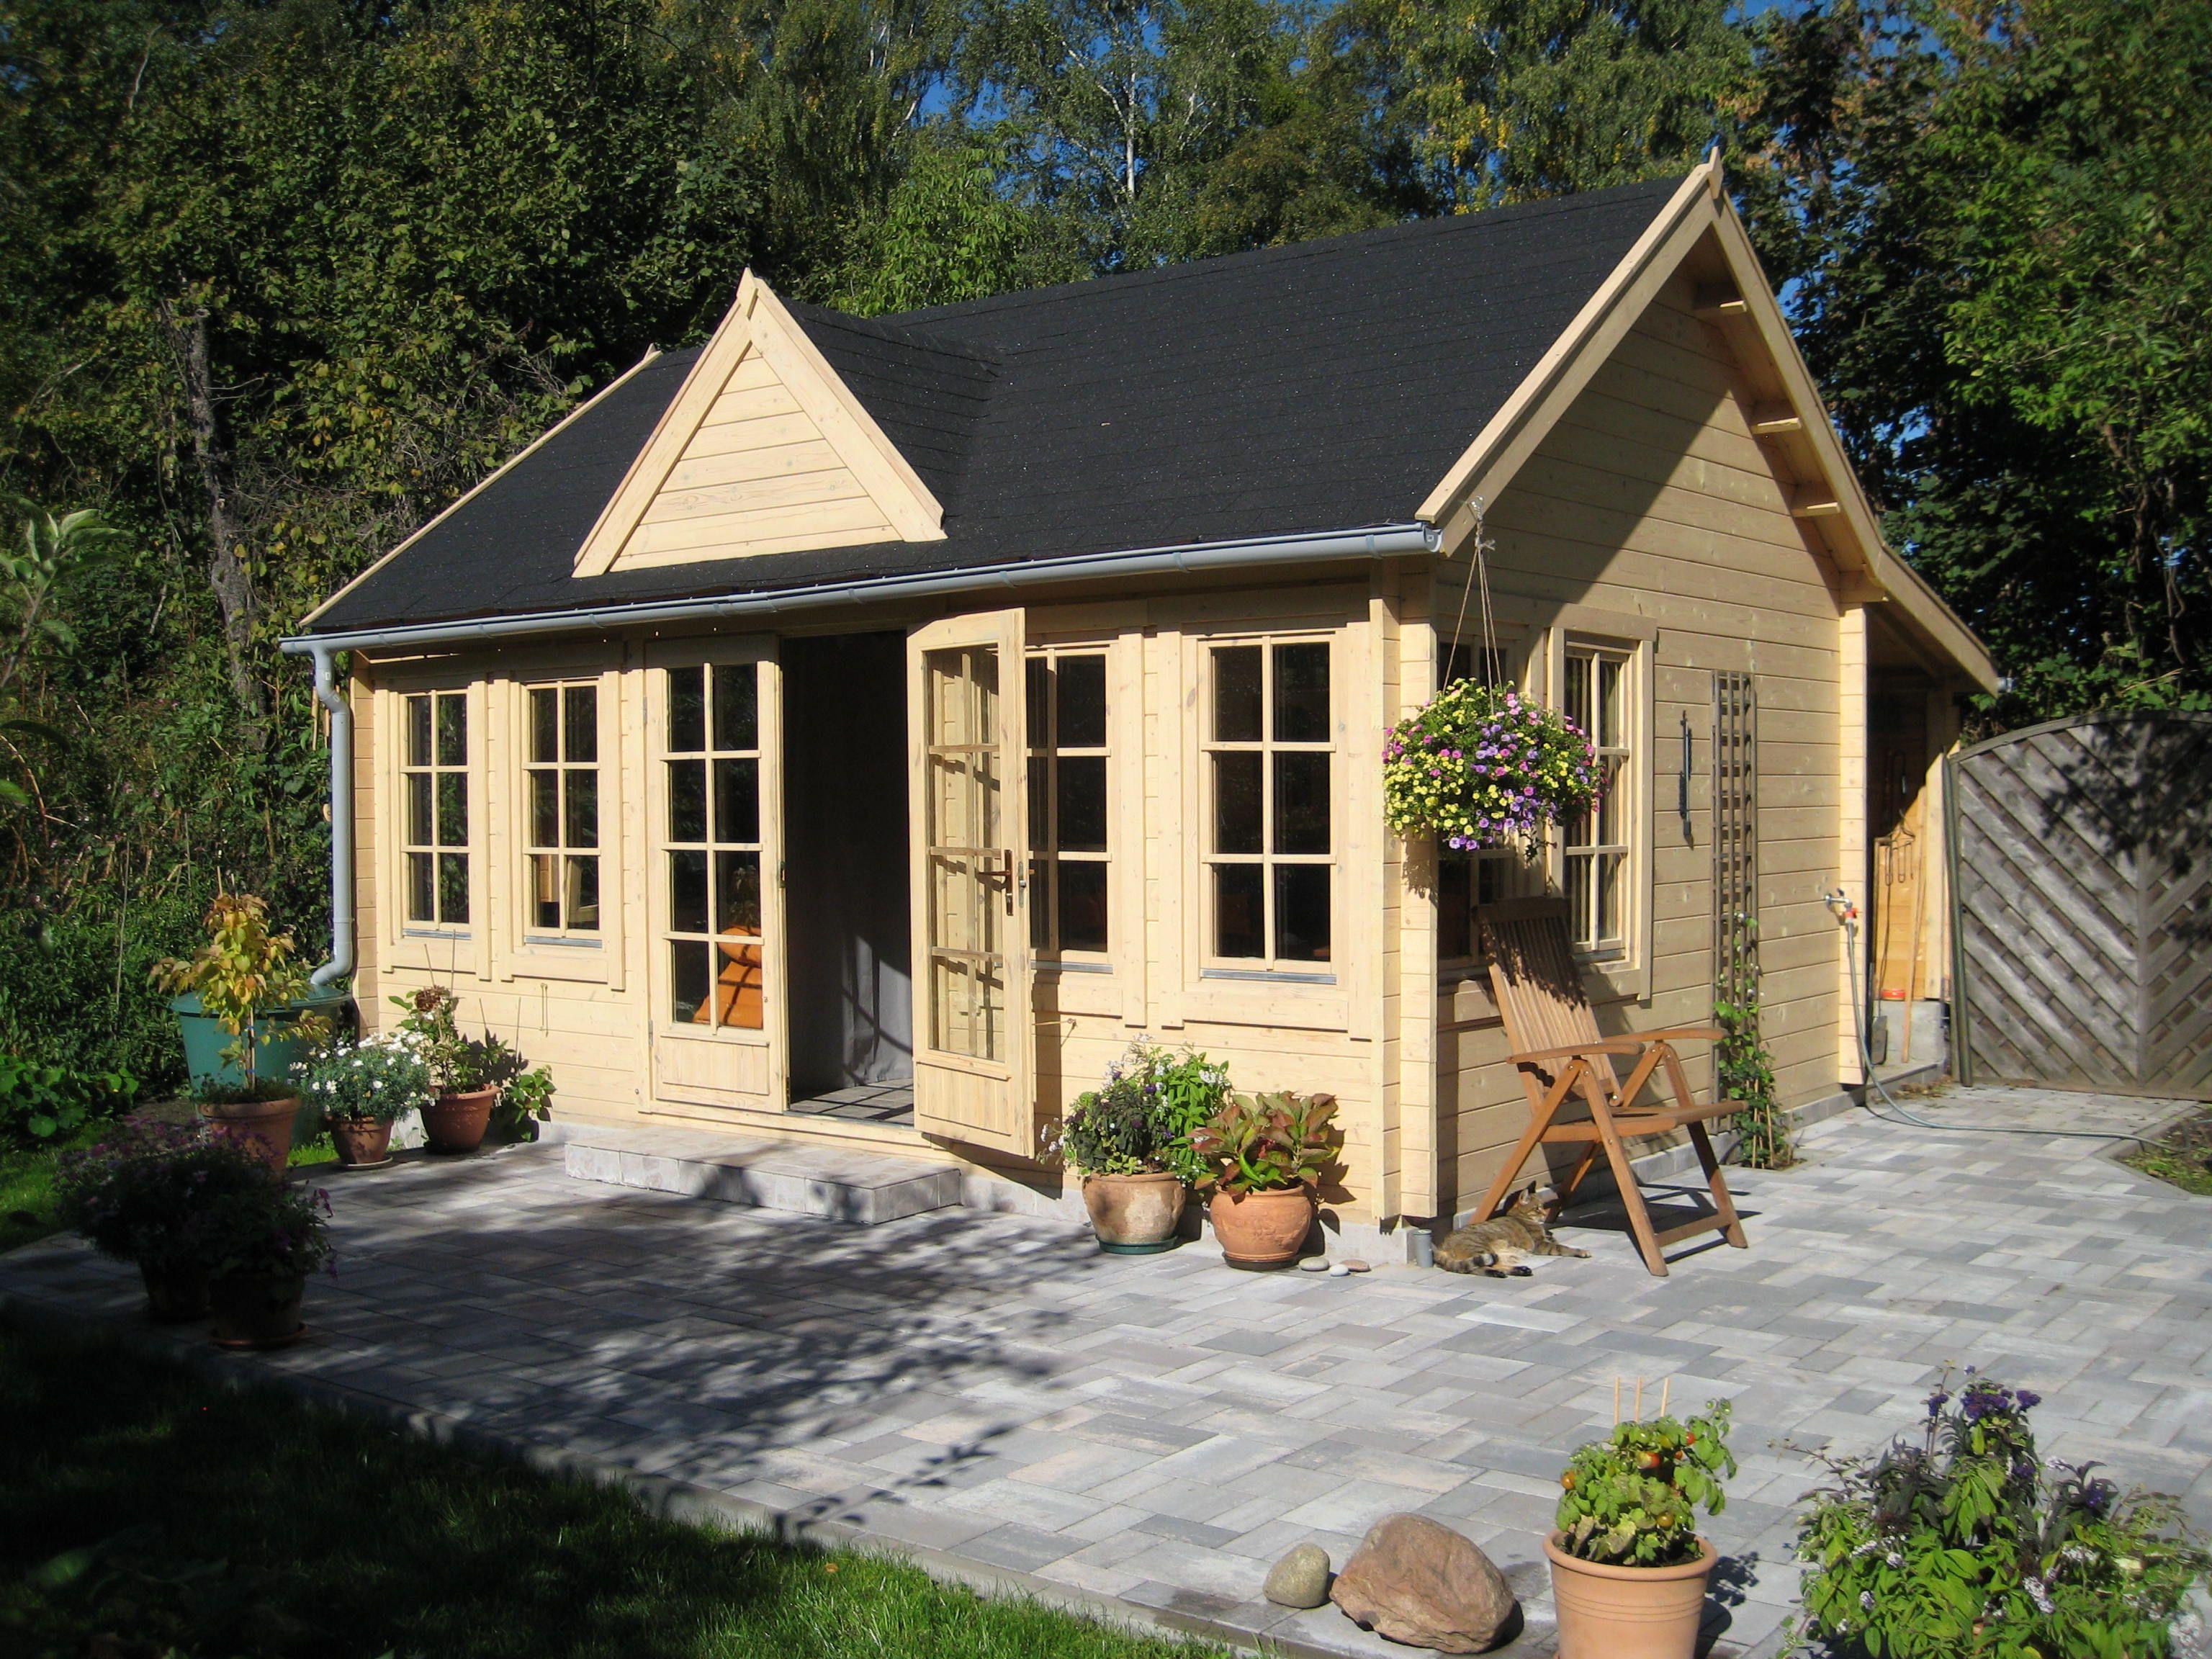 Mediterrane Gartenhäuser clockhouse gartenhaus im gemütlichen landhaus stil mit einer